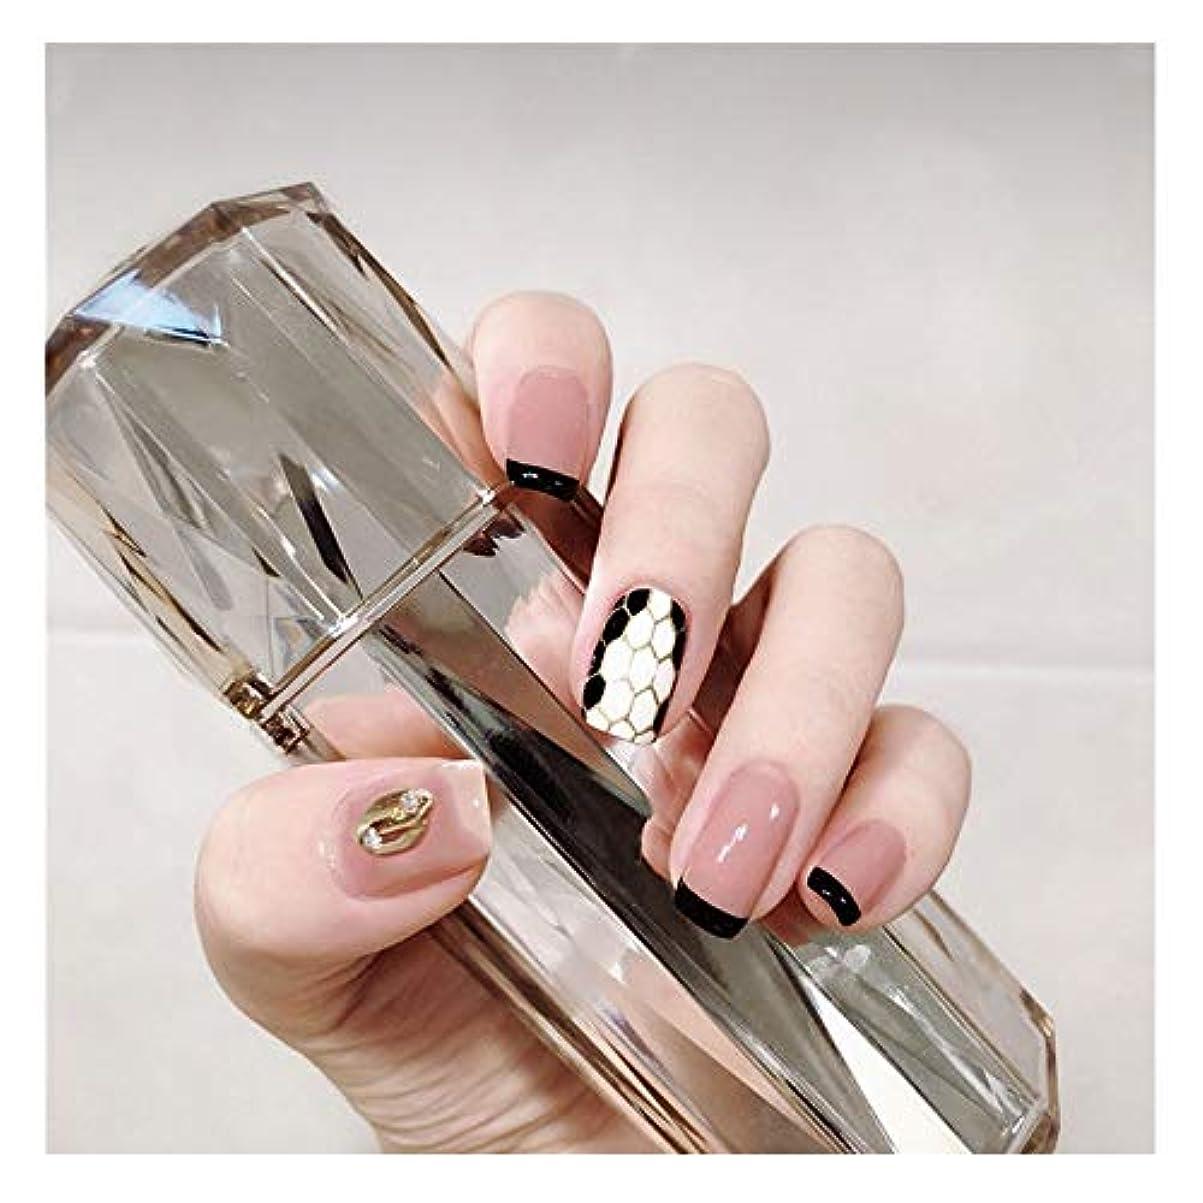 露出度の高いチャームHOHYLLYA サーペンタイン?パターンとメタルジュエリーの接着剤フェイクネイルズファッション単一の製品アクセサリーとスクエアネイルピンク+黒 (色 : 24 pieces)